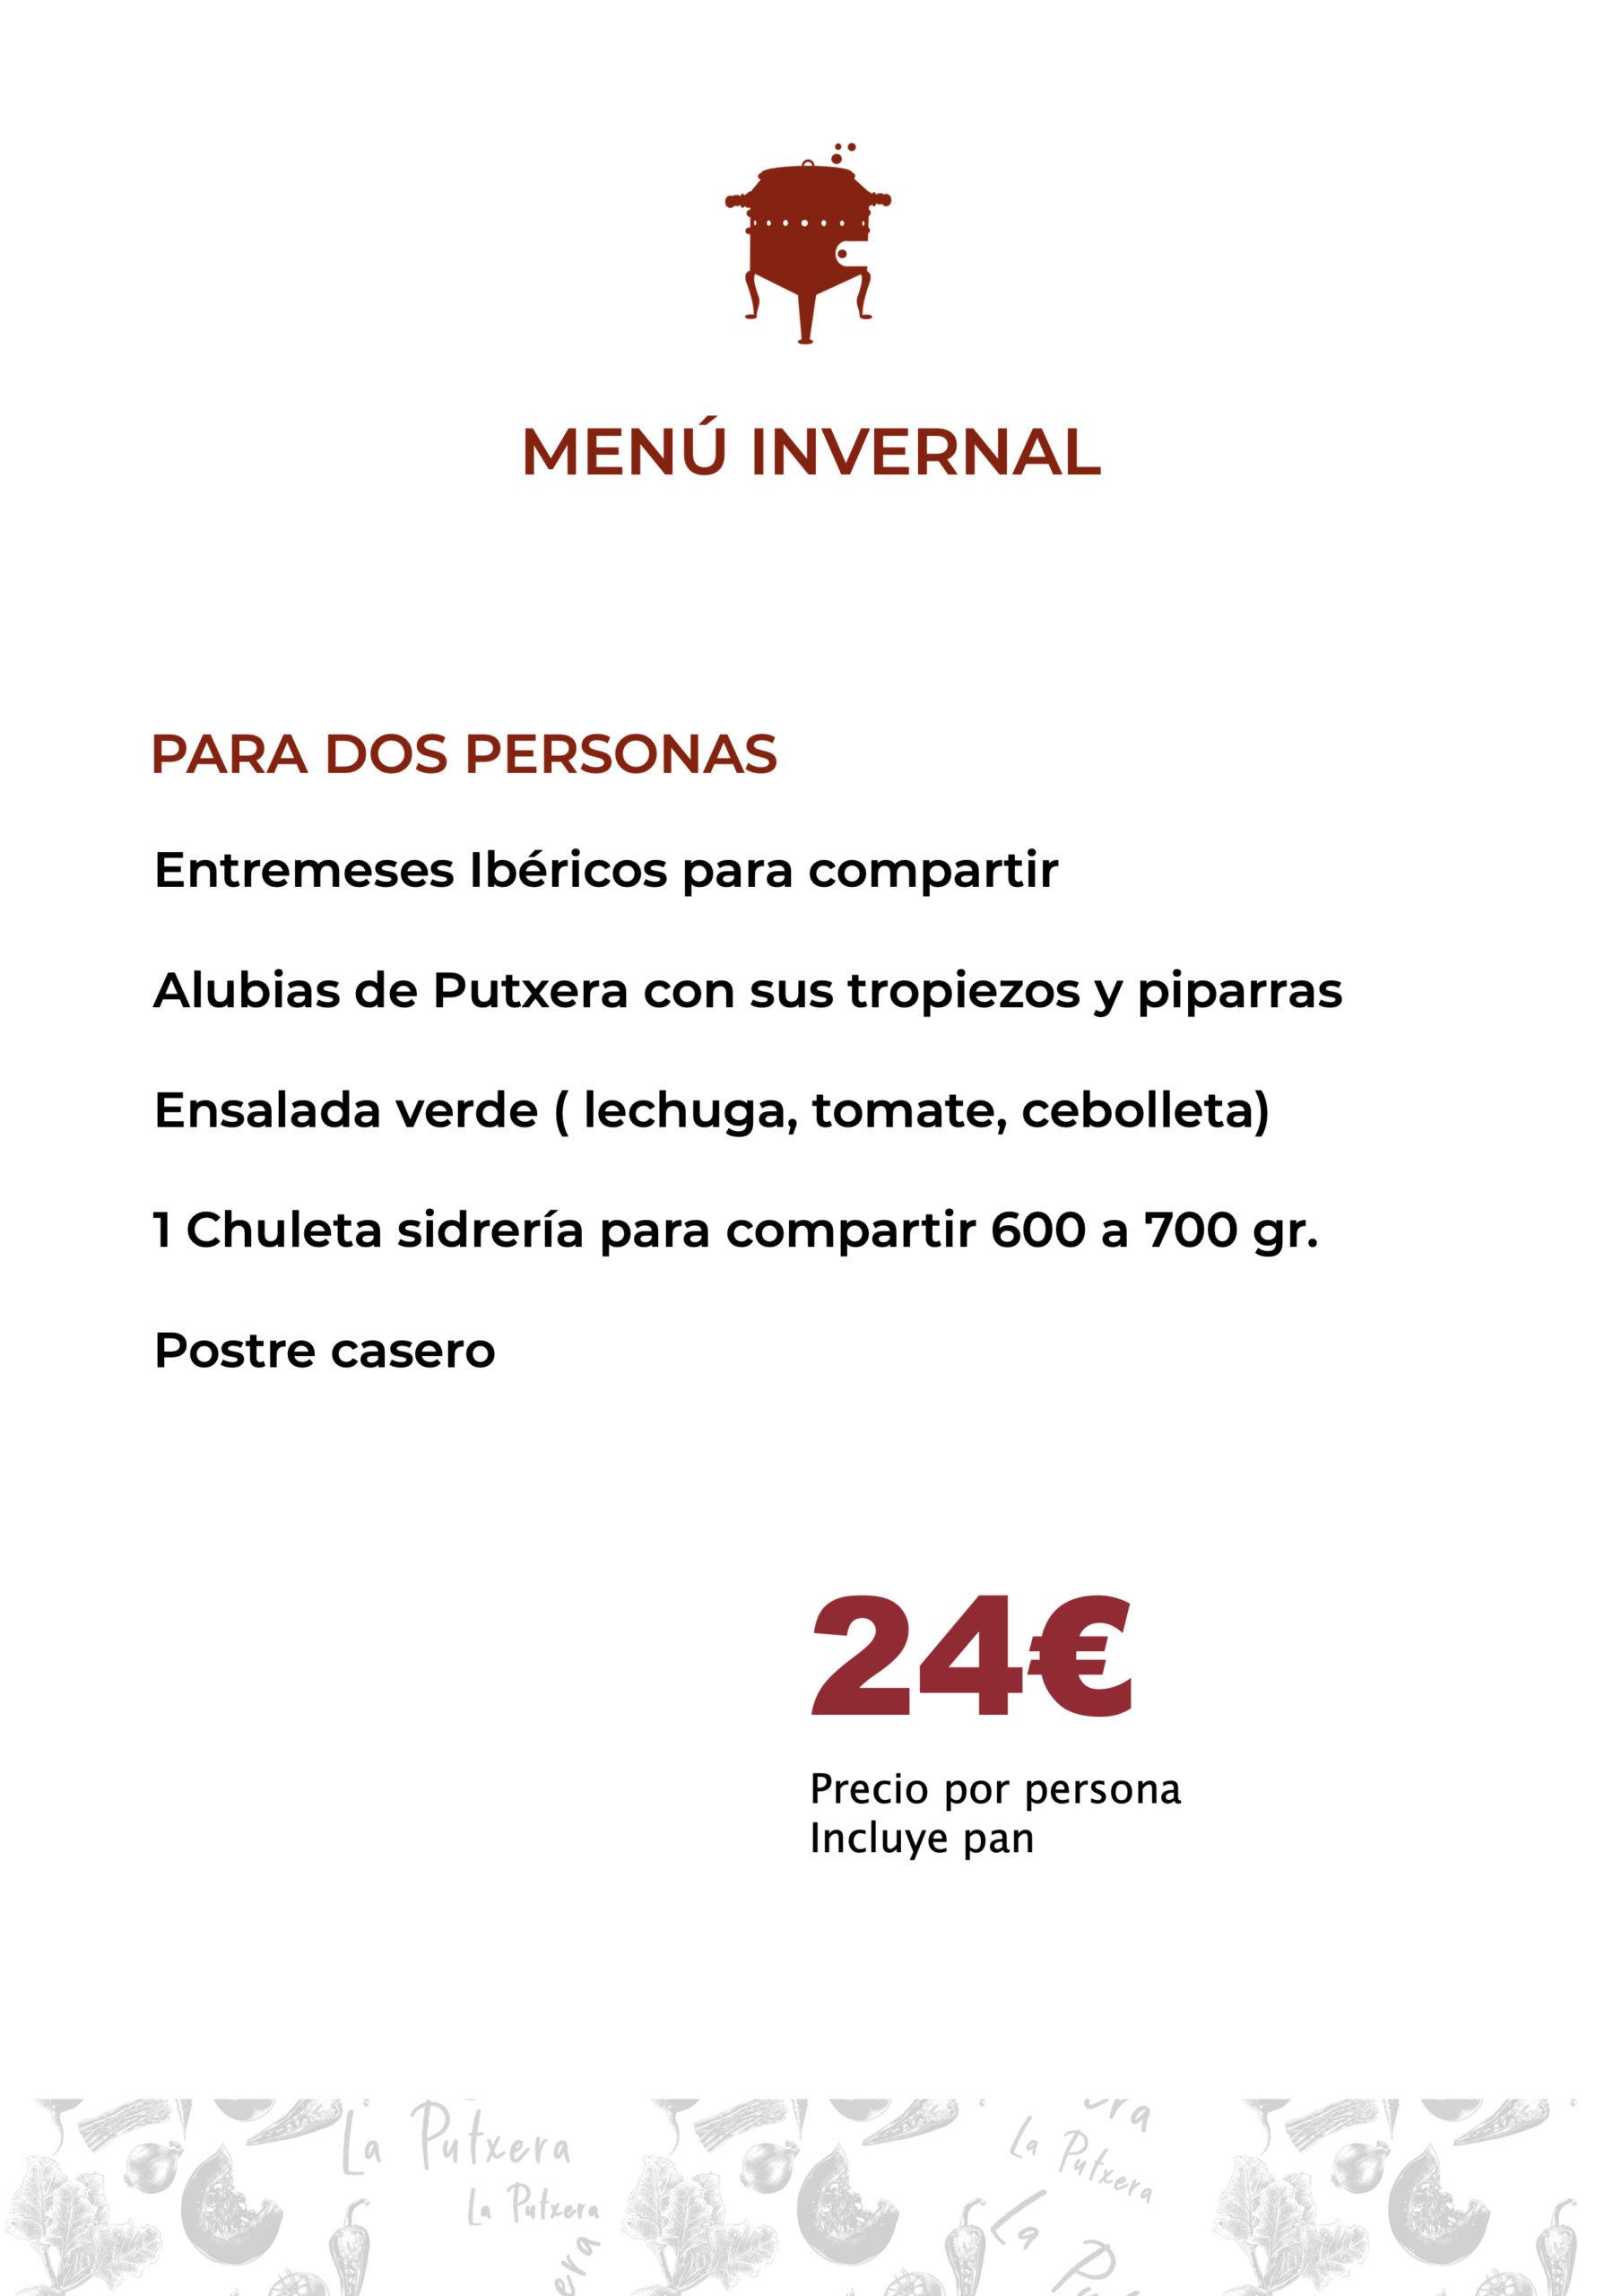 menu invernal